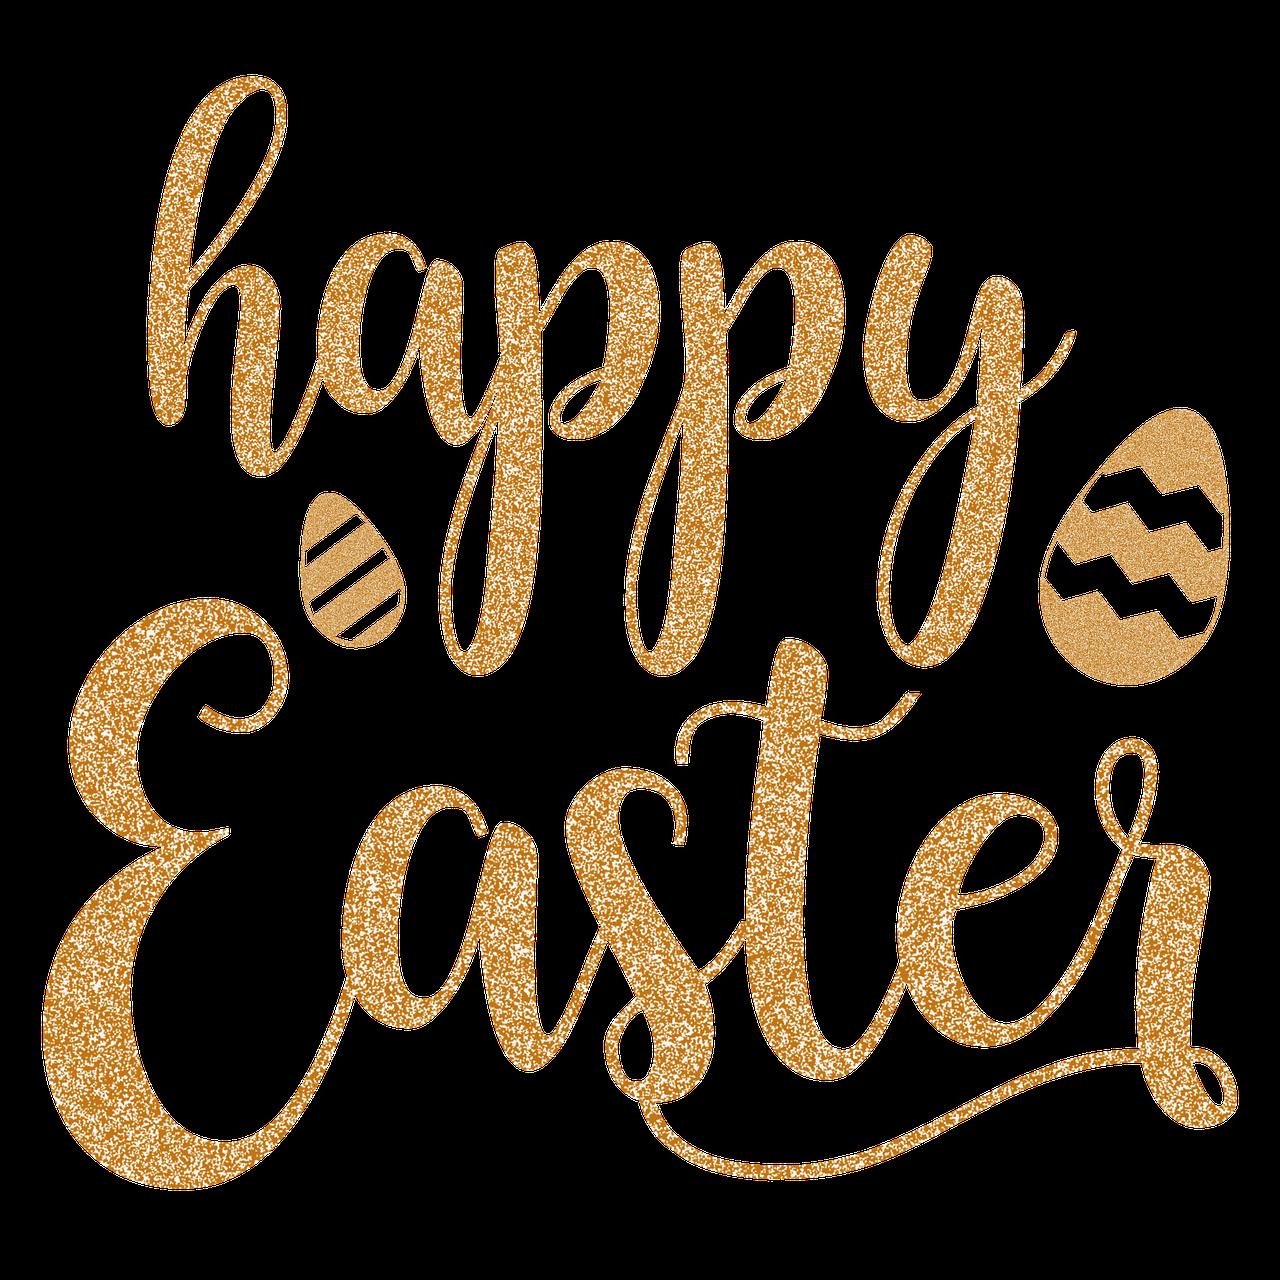 Wir wünschen euch ein schönes Osterfest